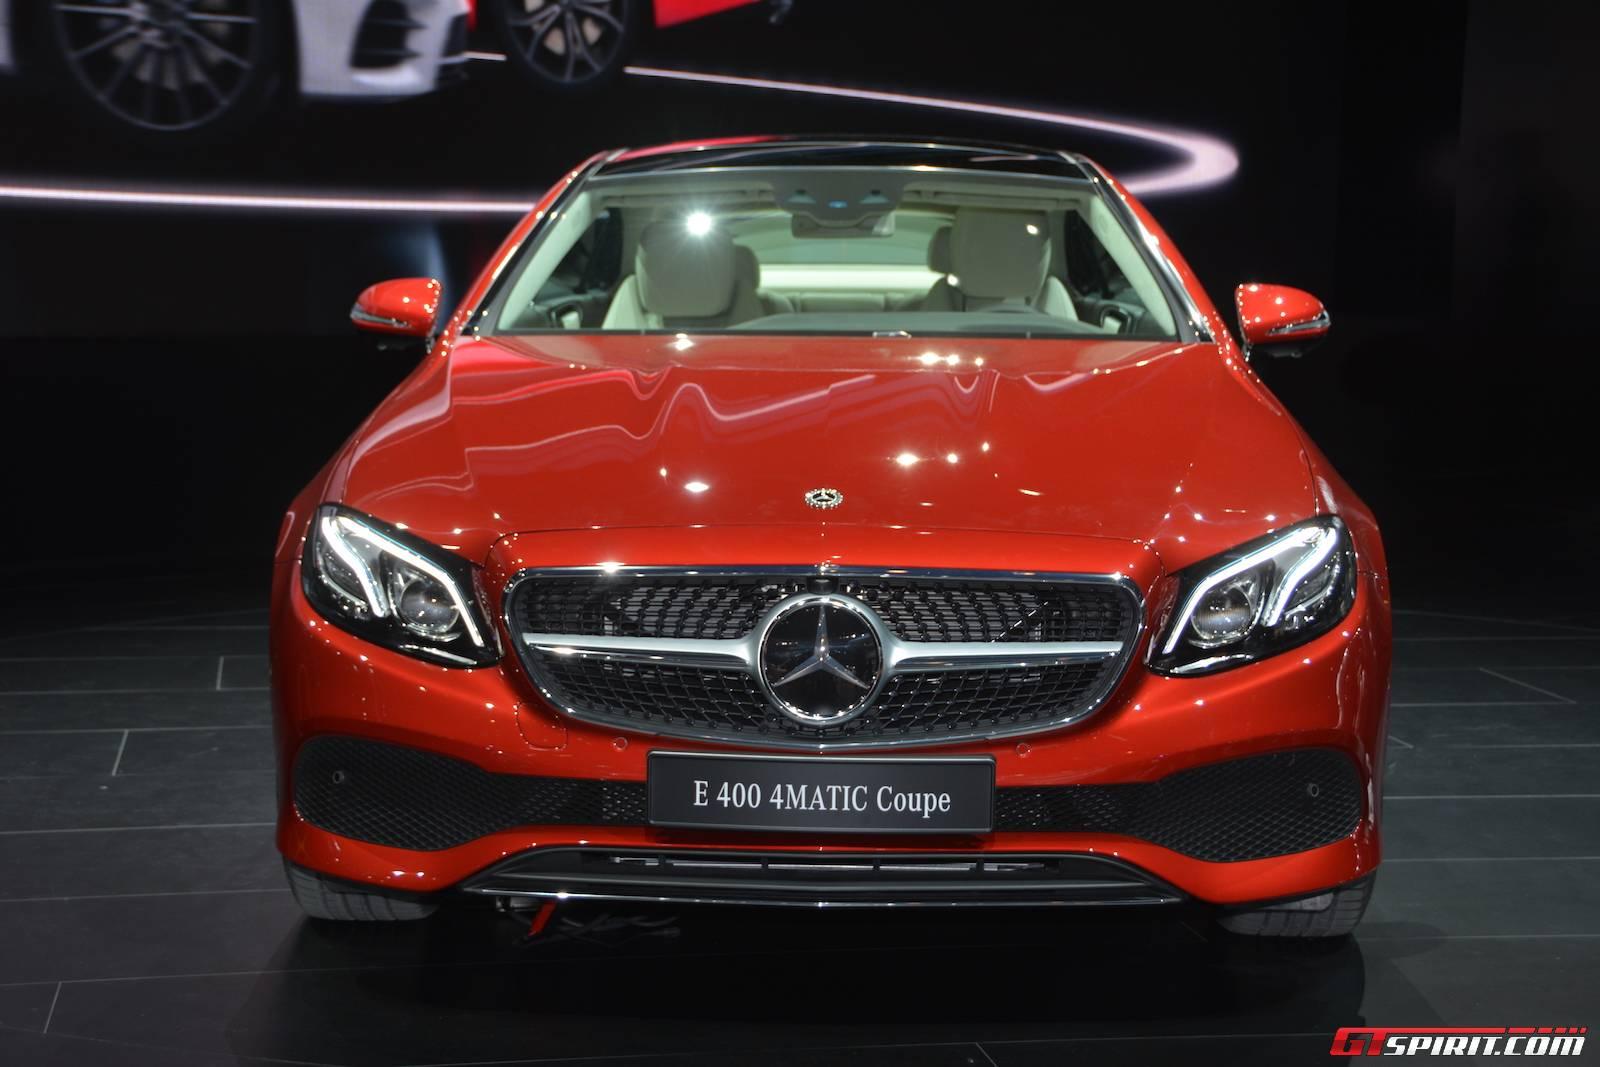 Мерседес купе е класс 2017 года новая модель